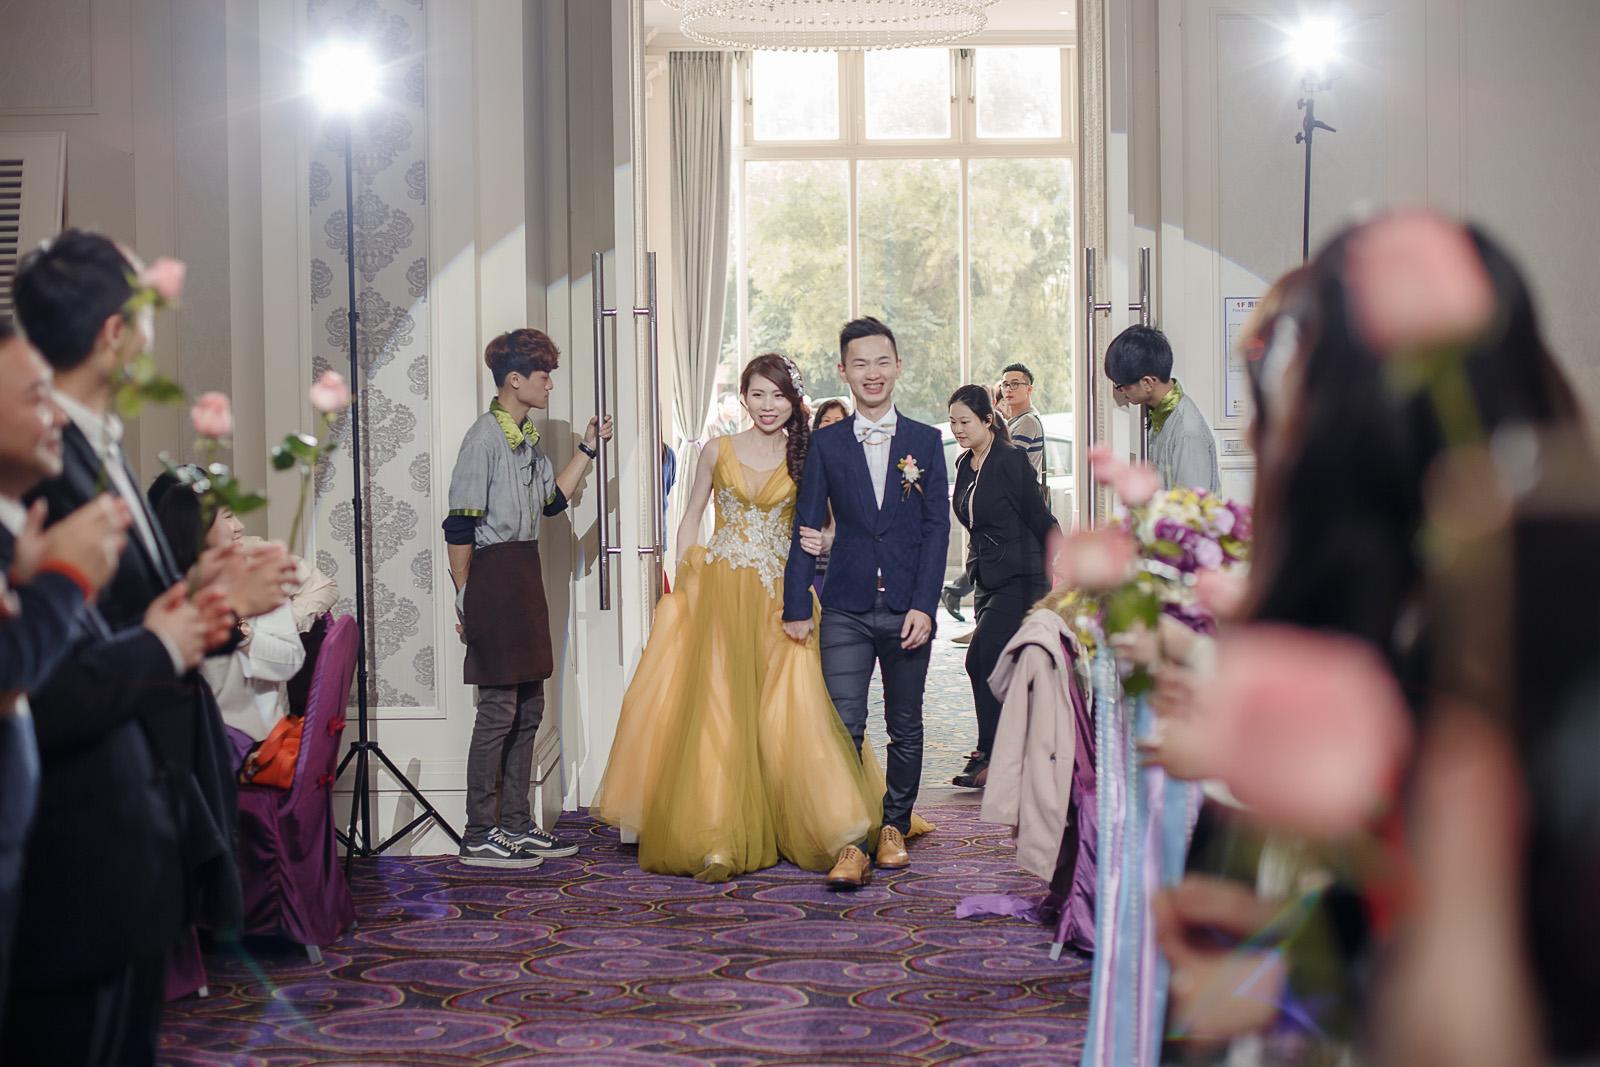 高雄圓山飯店,婚禮攝影,婚攝,高雄婚攝,優質婚攝推薦,Jen&Ethan-277